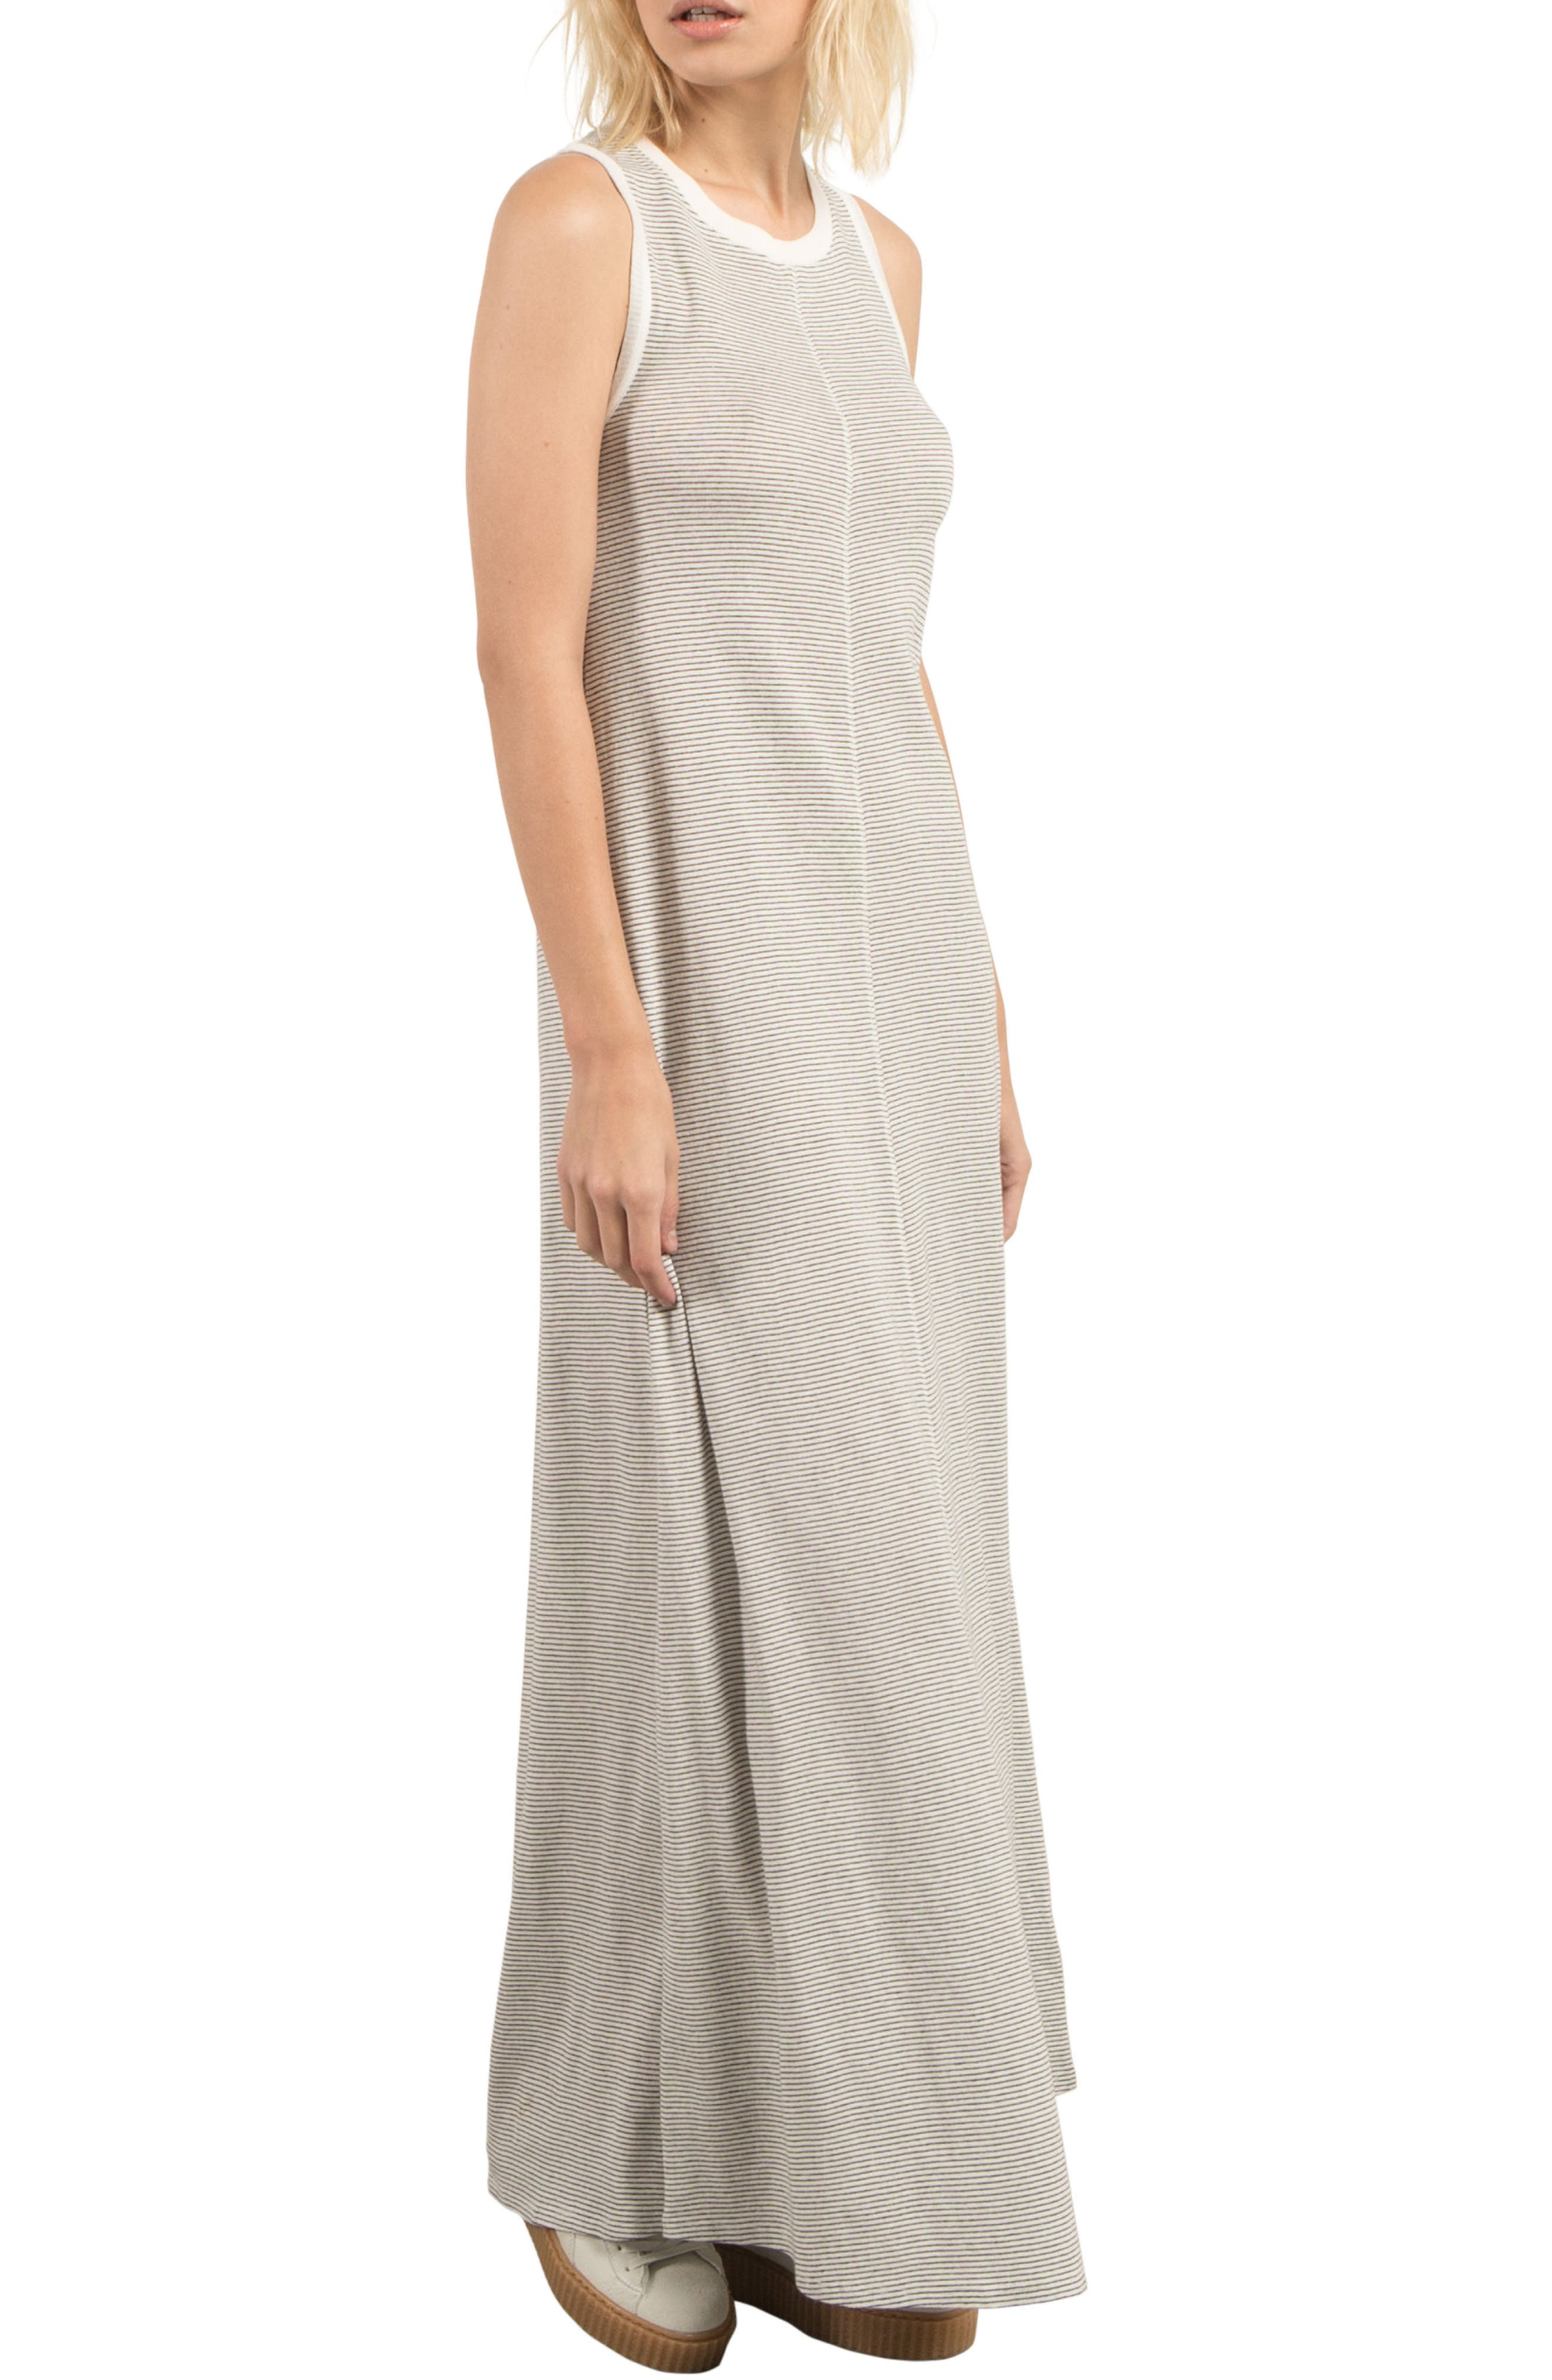 Volcom She Shell Maxi Dress